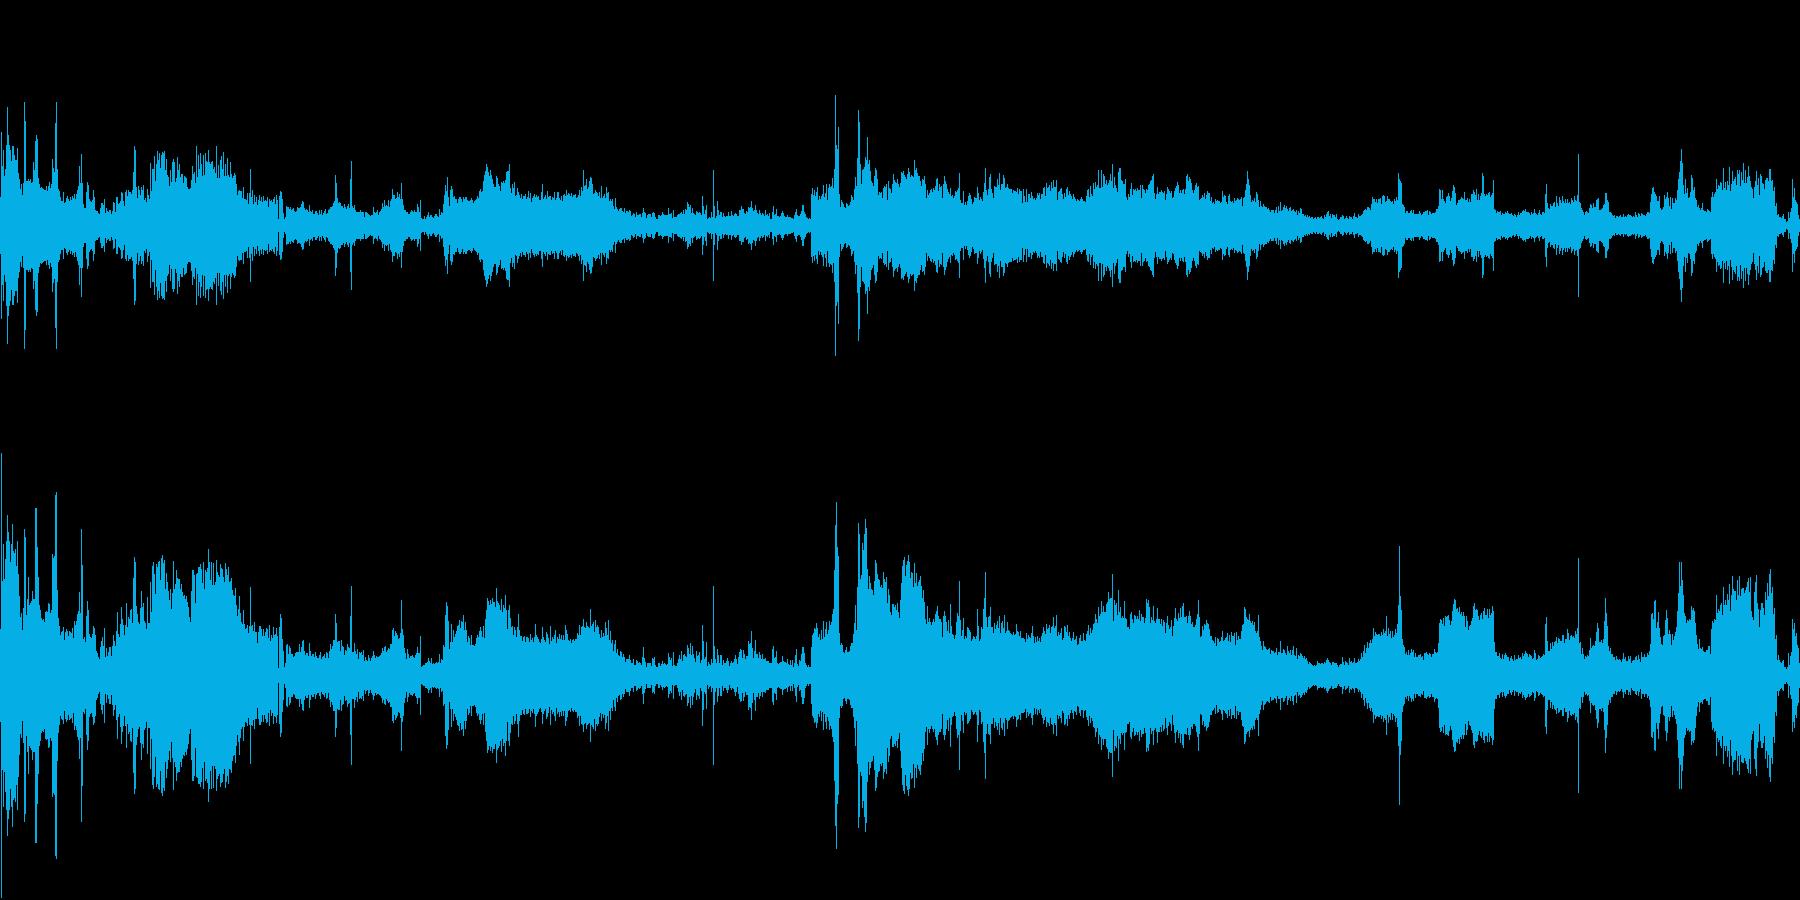 妨害電波の再生済みの波形